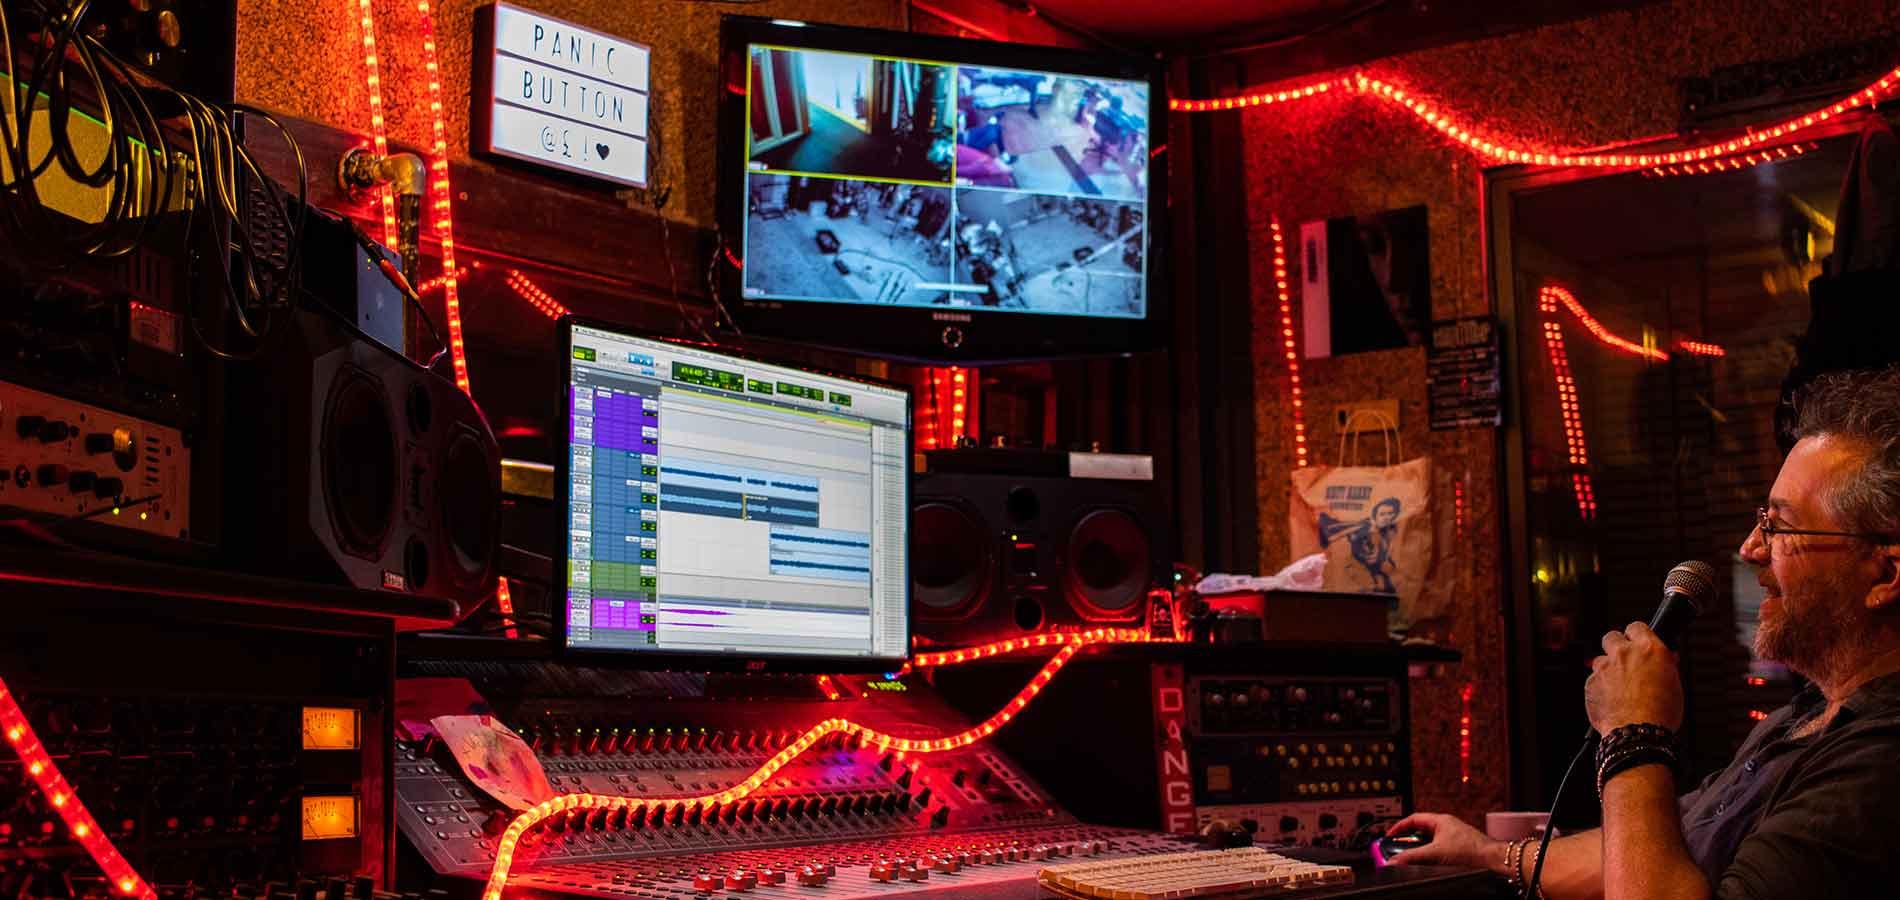 Steve Lyon at PanicButton Studios